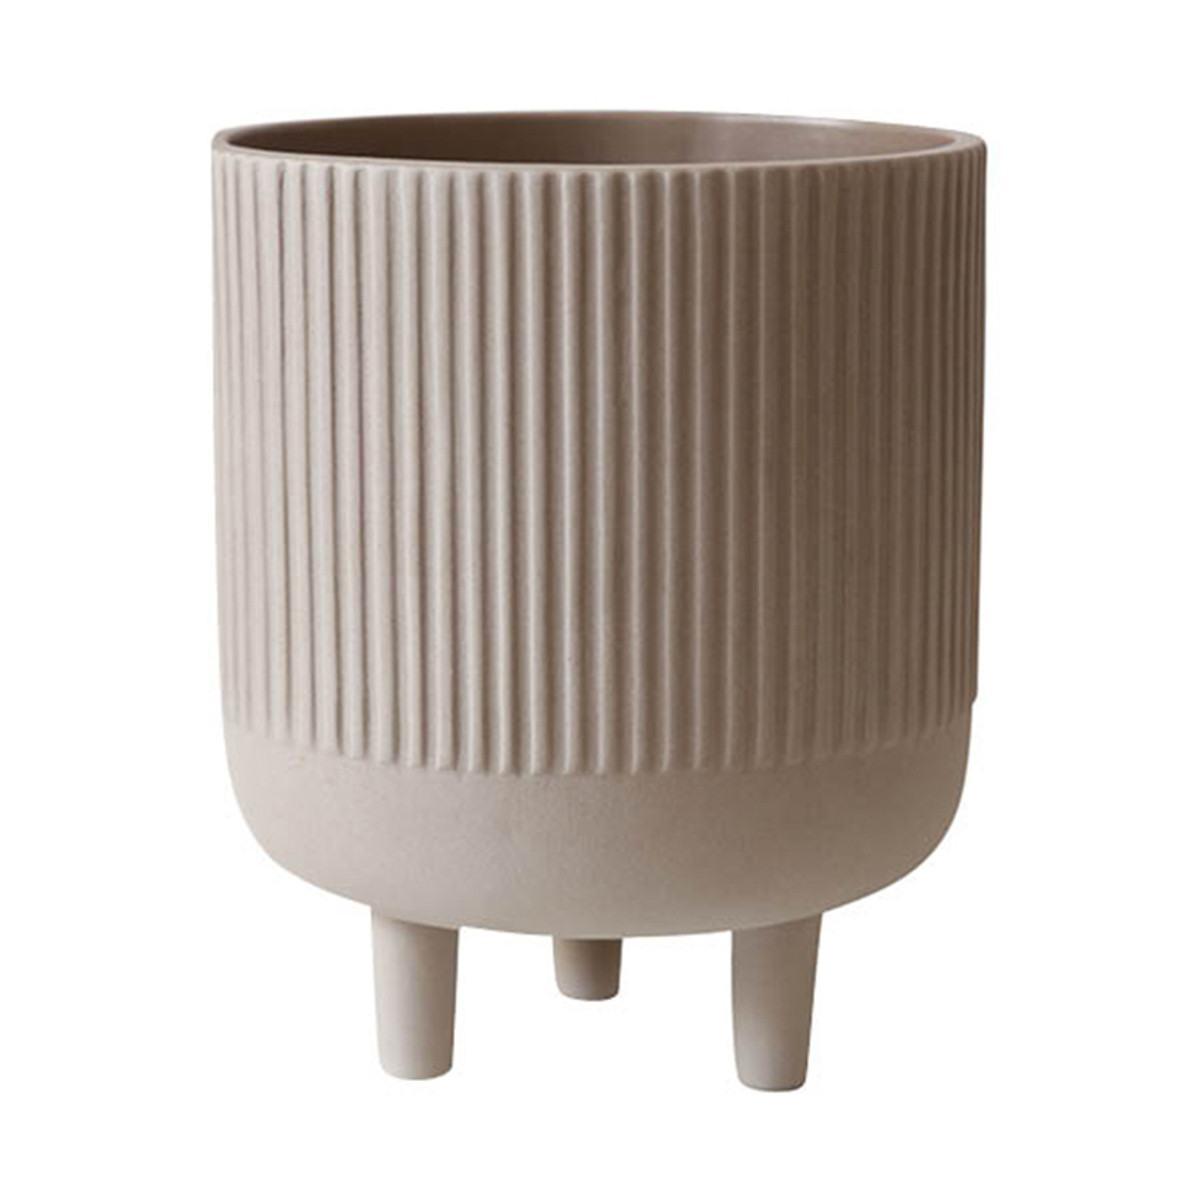 Kristina Dam Bowl Plant Pot